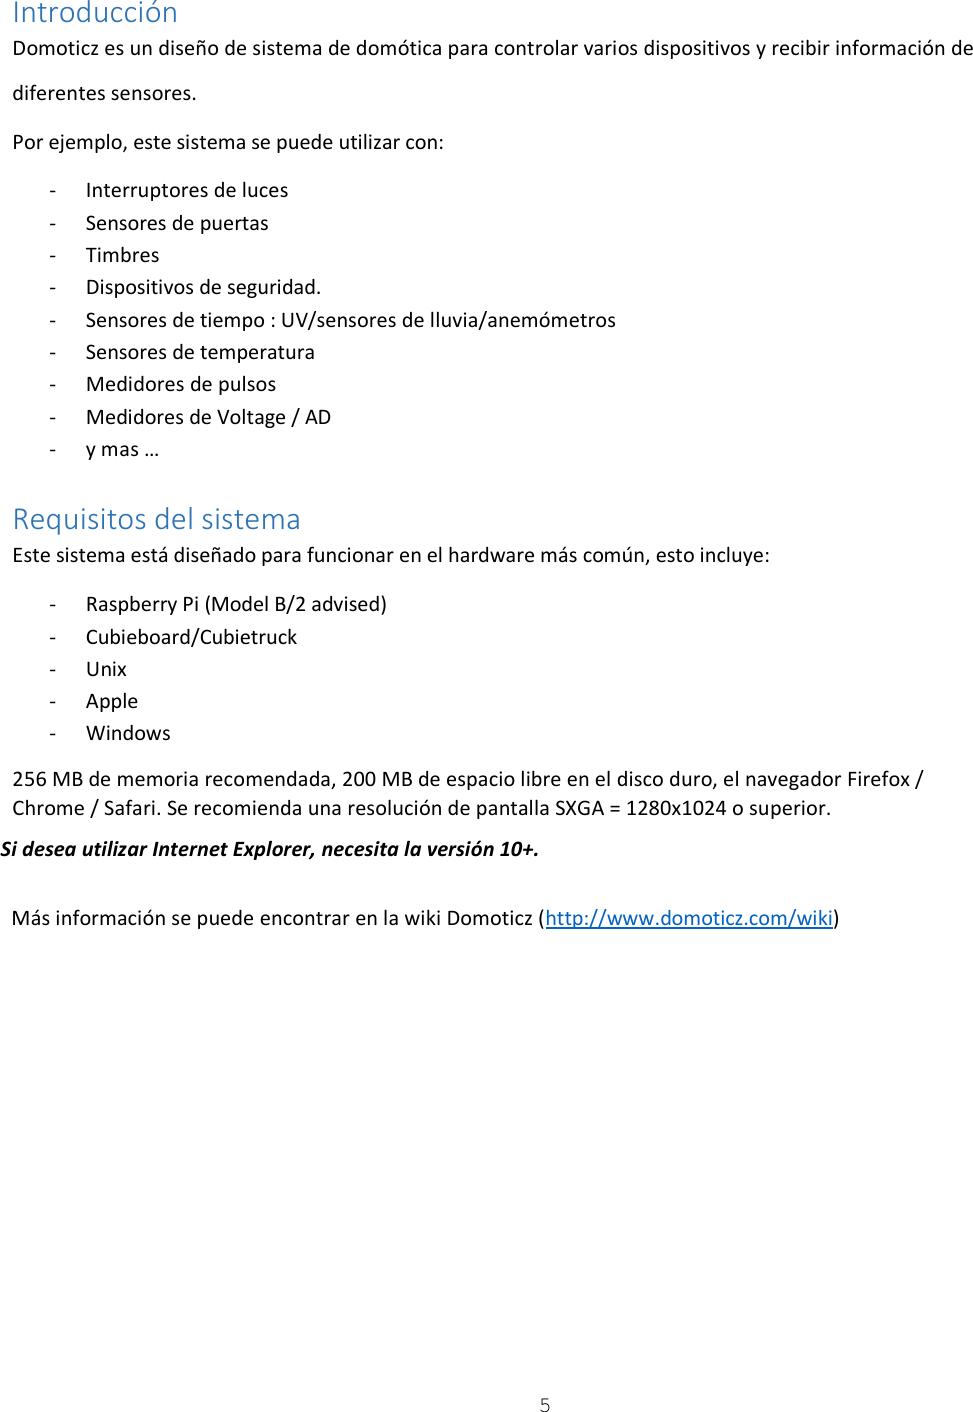 DomoticzManual_spanish Domoticz Manual Es